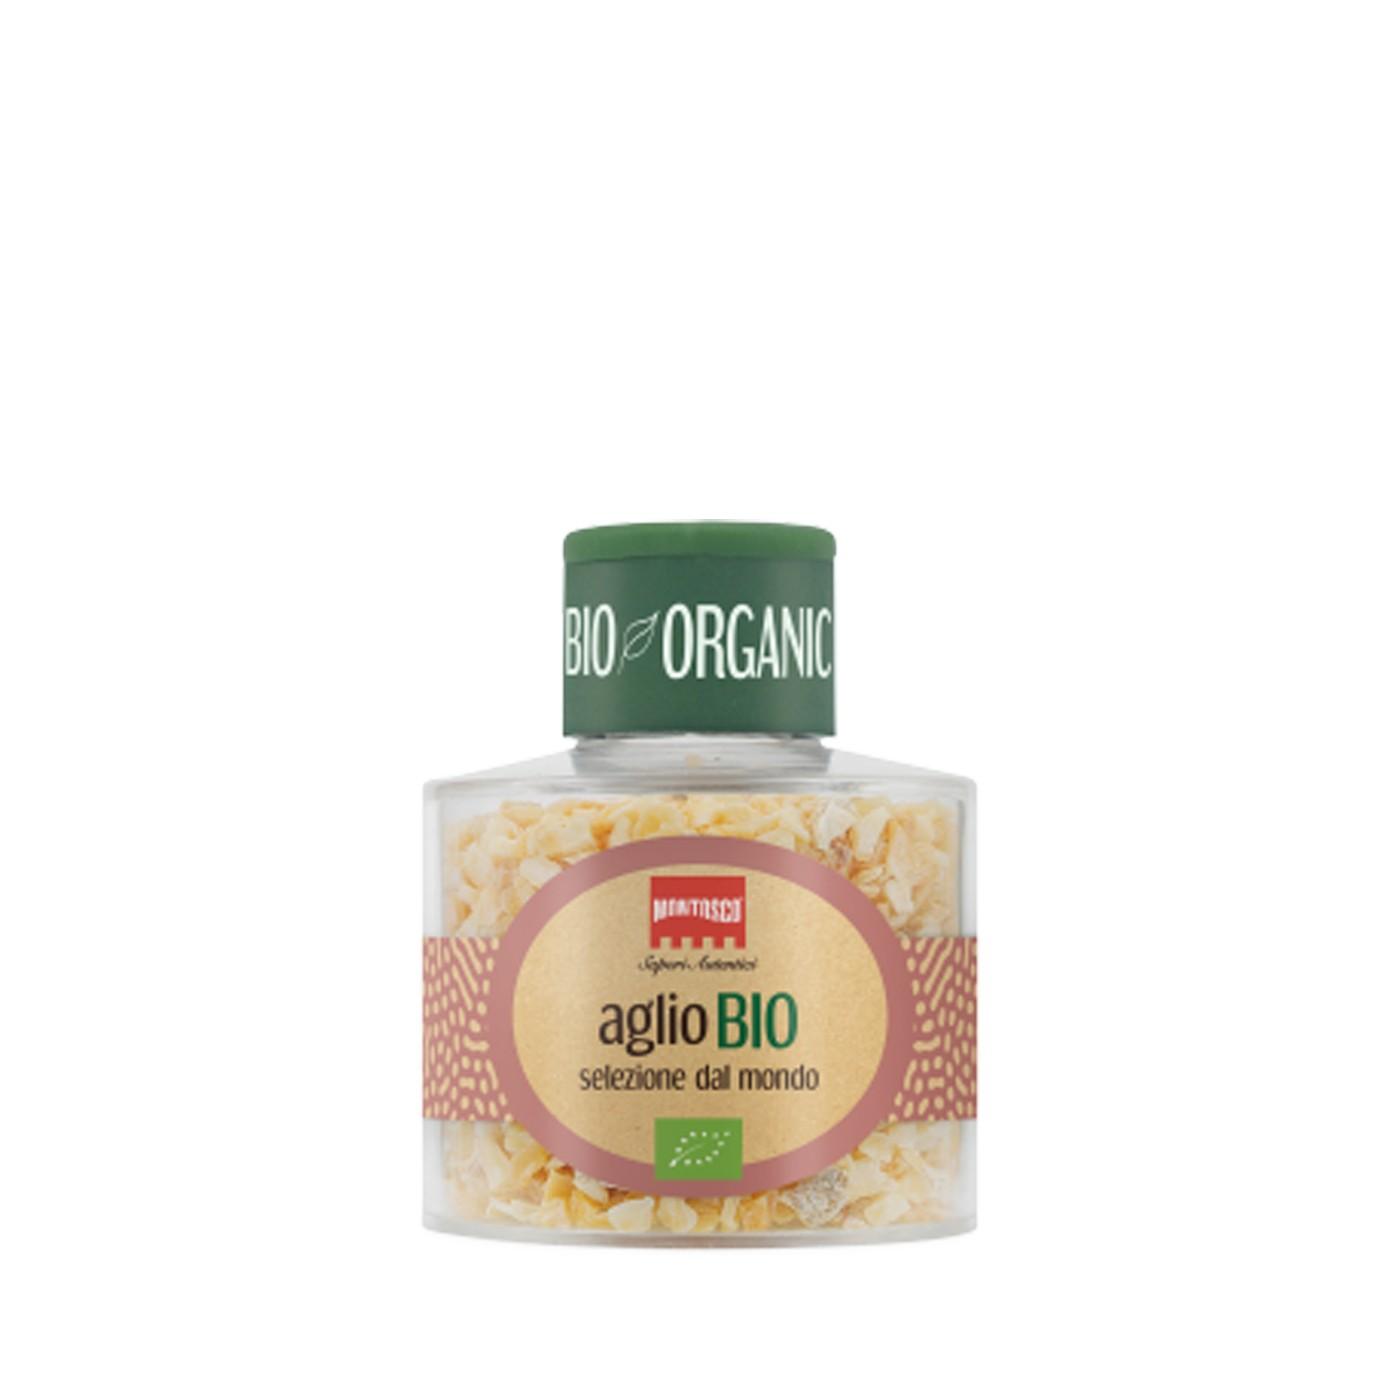 Organic Garlic 1.46 oz